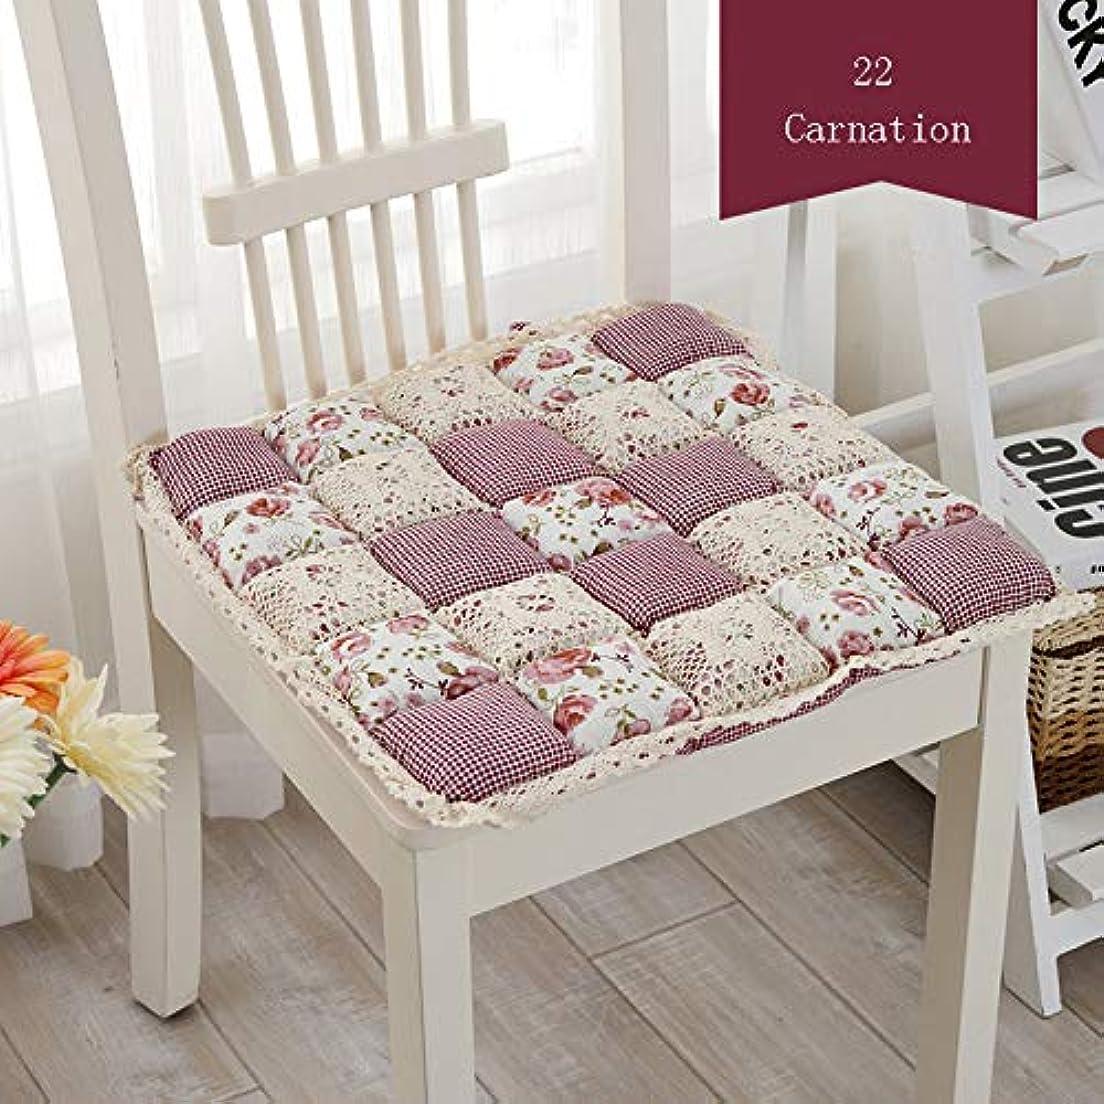 便利さ既婚粘性のLIFE 1 個抗褥瘡綿椅子クッション 24 色ファッションオフィス正方形クッション学生チェアクッション家の装飾厚み クッション 椅子